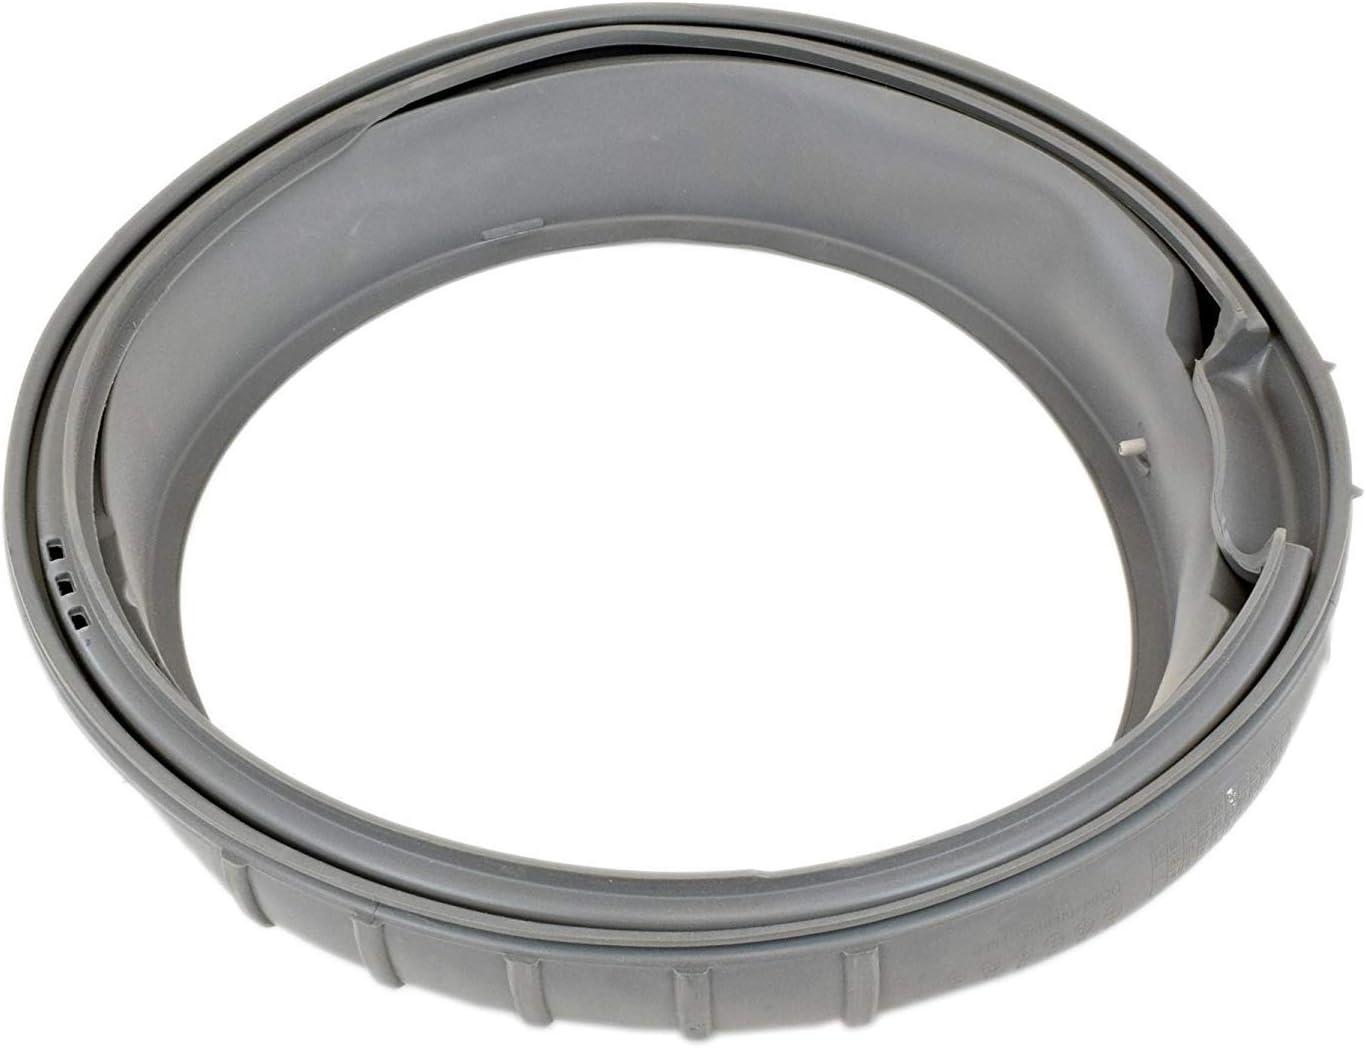 DC64-00802C OEM Samsung Washer Door Bellow 2025671 B00361BP3G